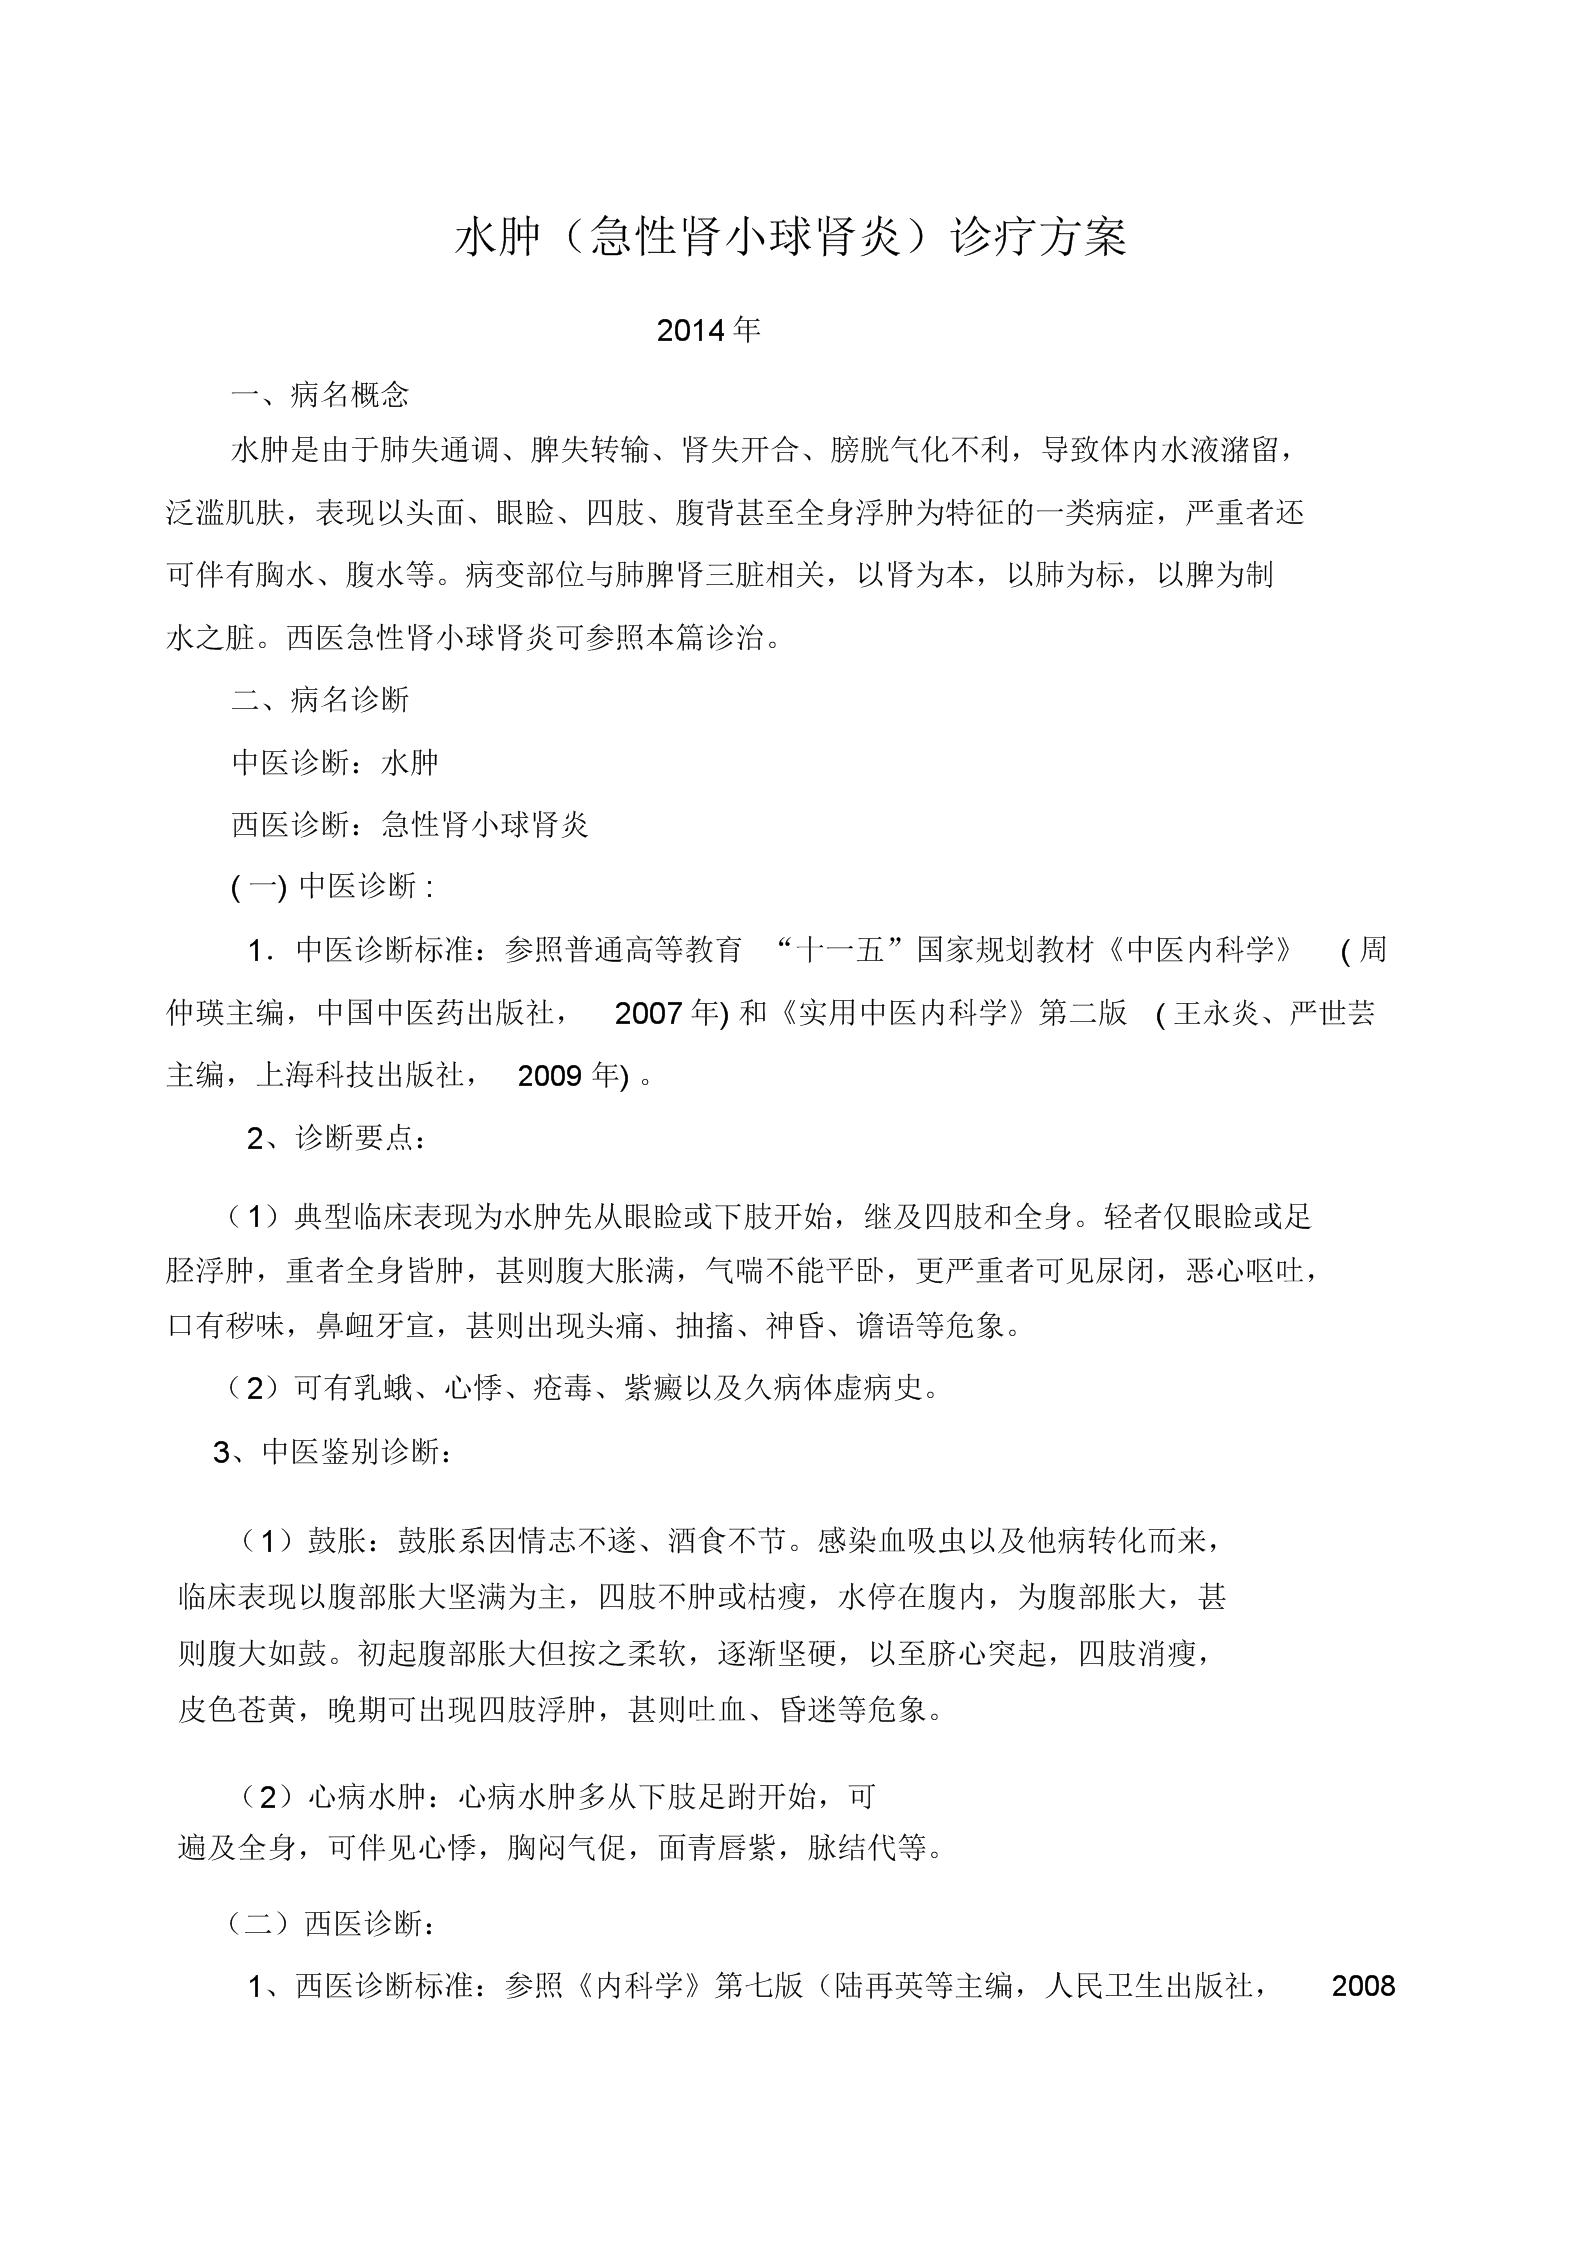 水肿急性肾小球肾炎中医诊疗方案.doc